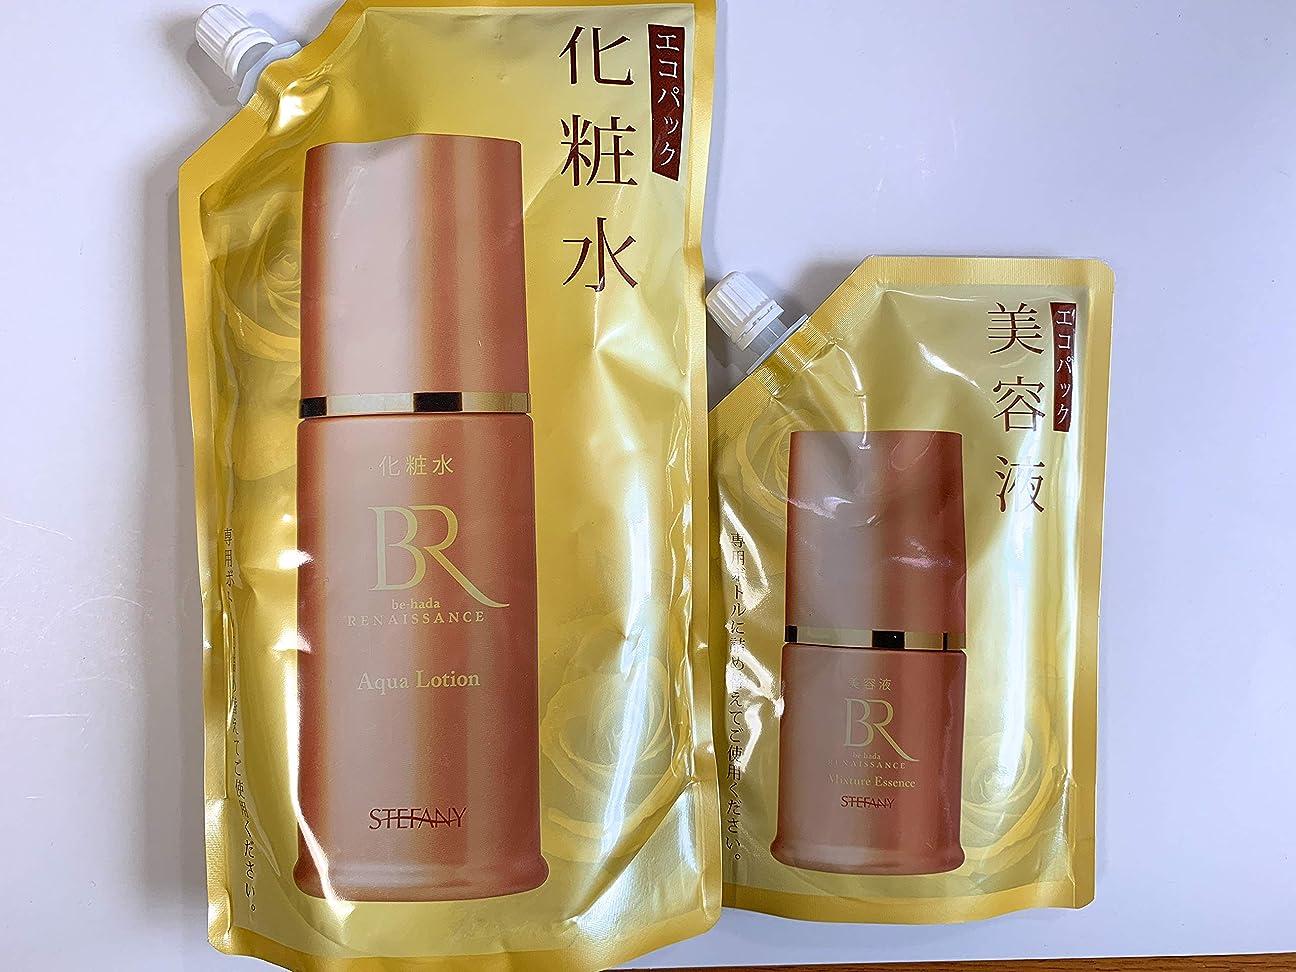 ペダルお酒系統的ステファニー化粧品 美肌ルネッサンス アクアローション 732ml × ミクスチャーエッセンス 180ml